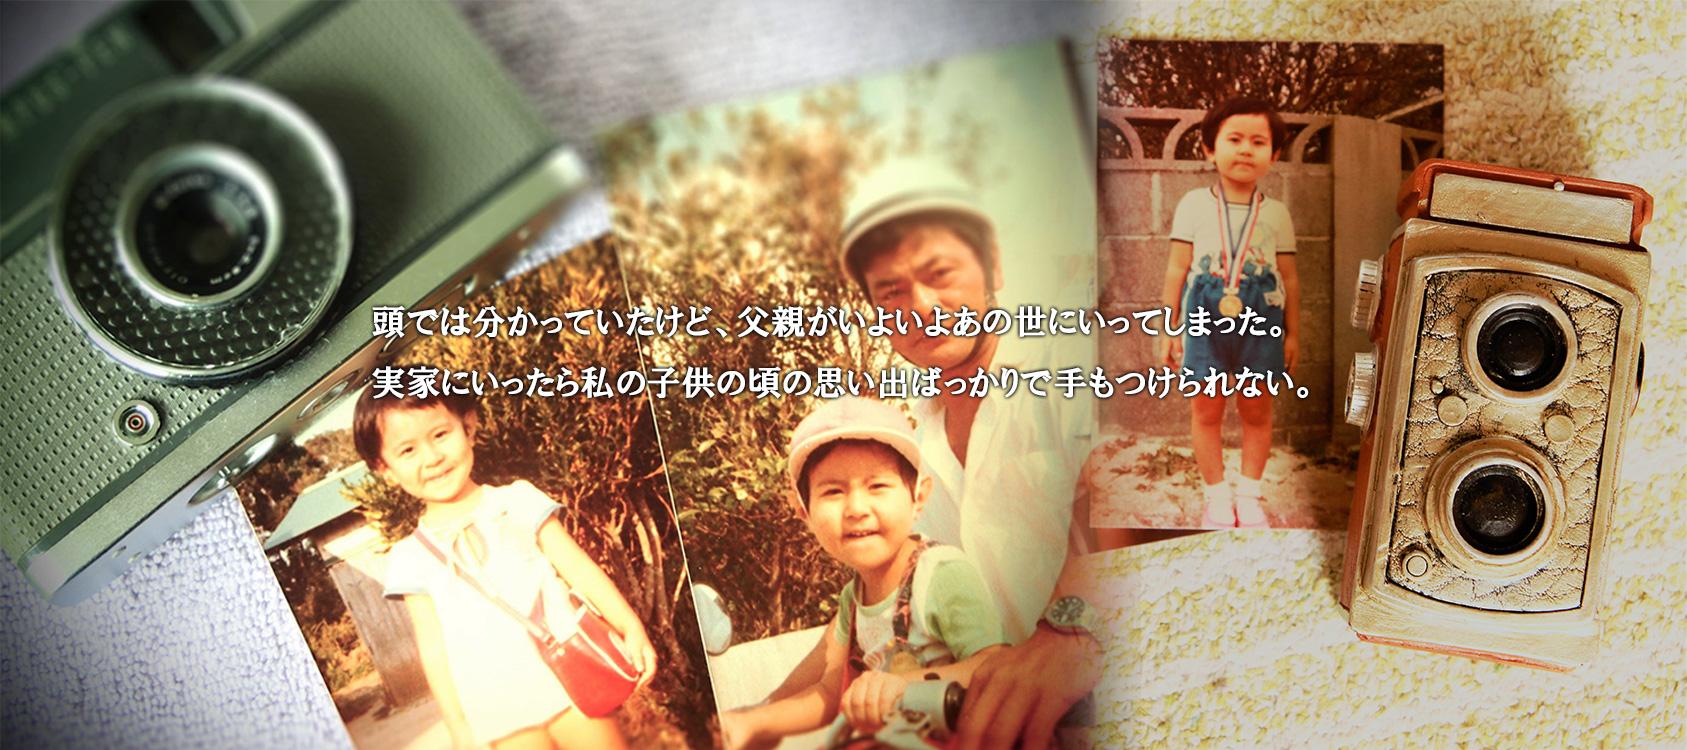 頭では分かっていたけど、父親がいよいよあの世にいってしまった。実家にいったら私の子供の頃の思い出ばっかりで手もつけられない。